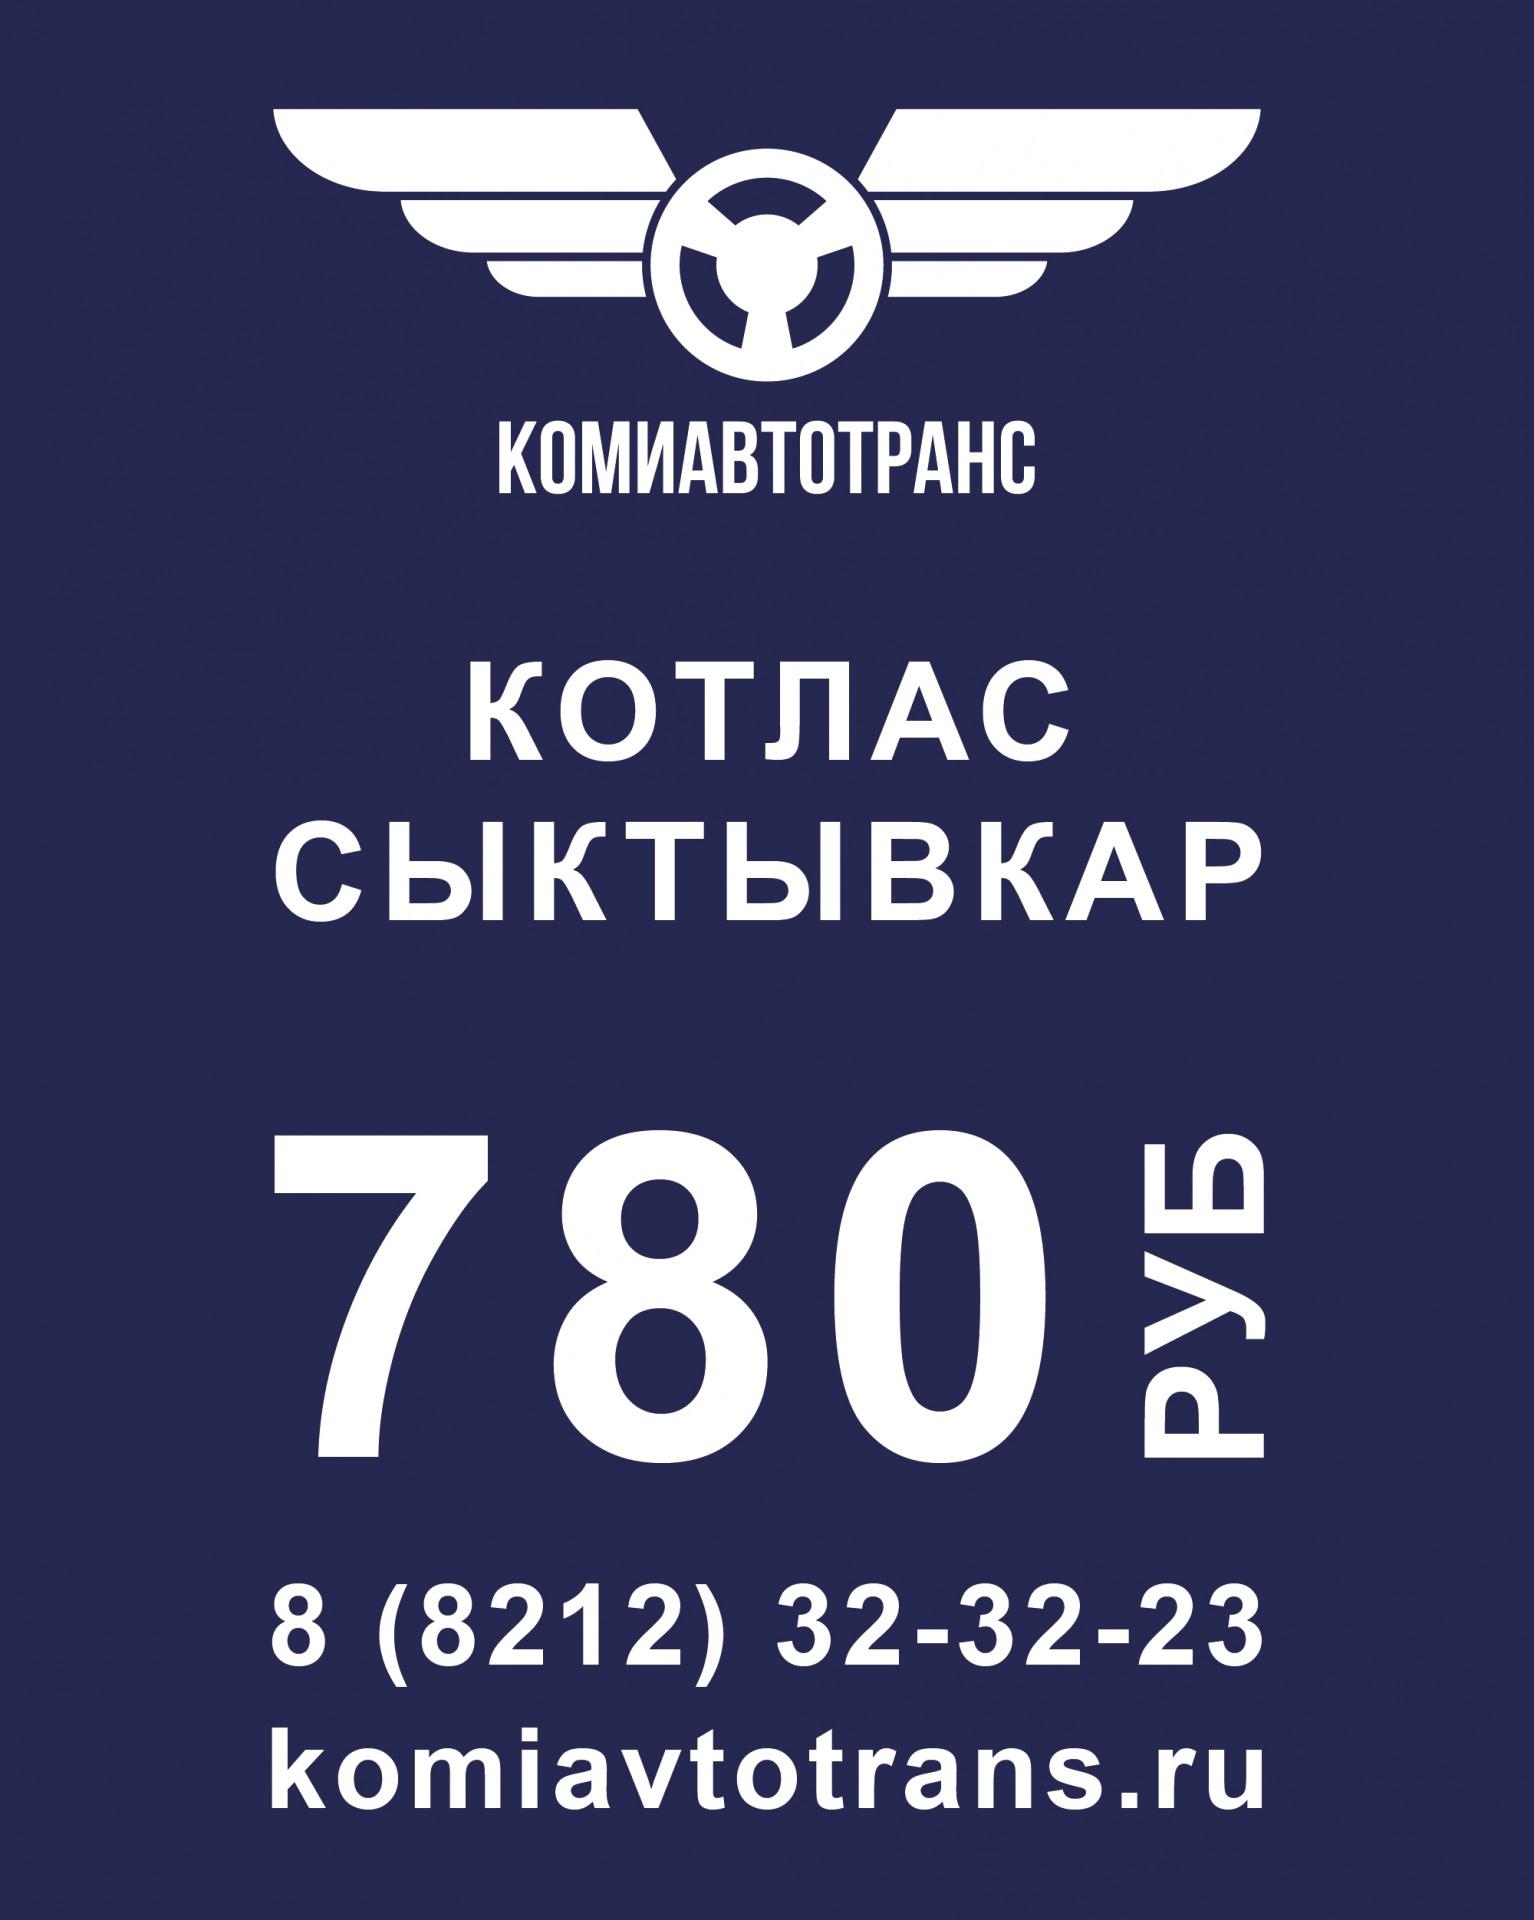 Maket-reklamy-reisa-dlya-postov-v-VK_Kotlas-Syktyvkar-01.jpg